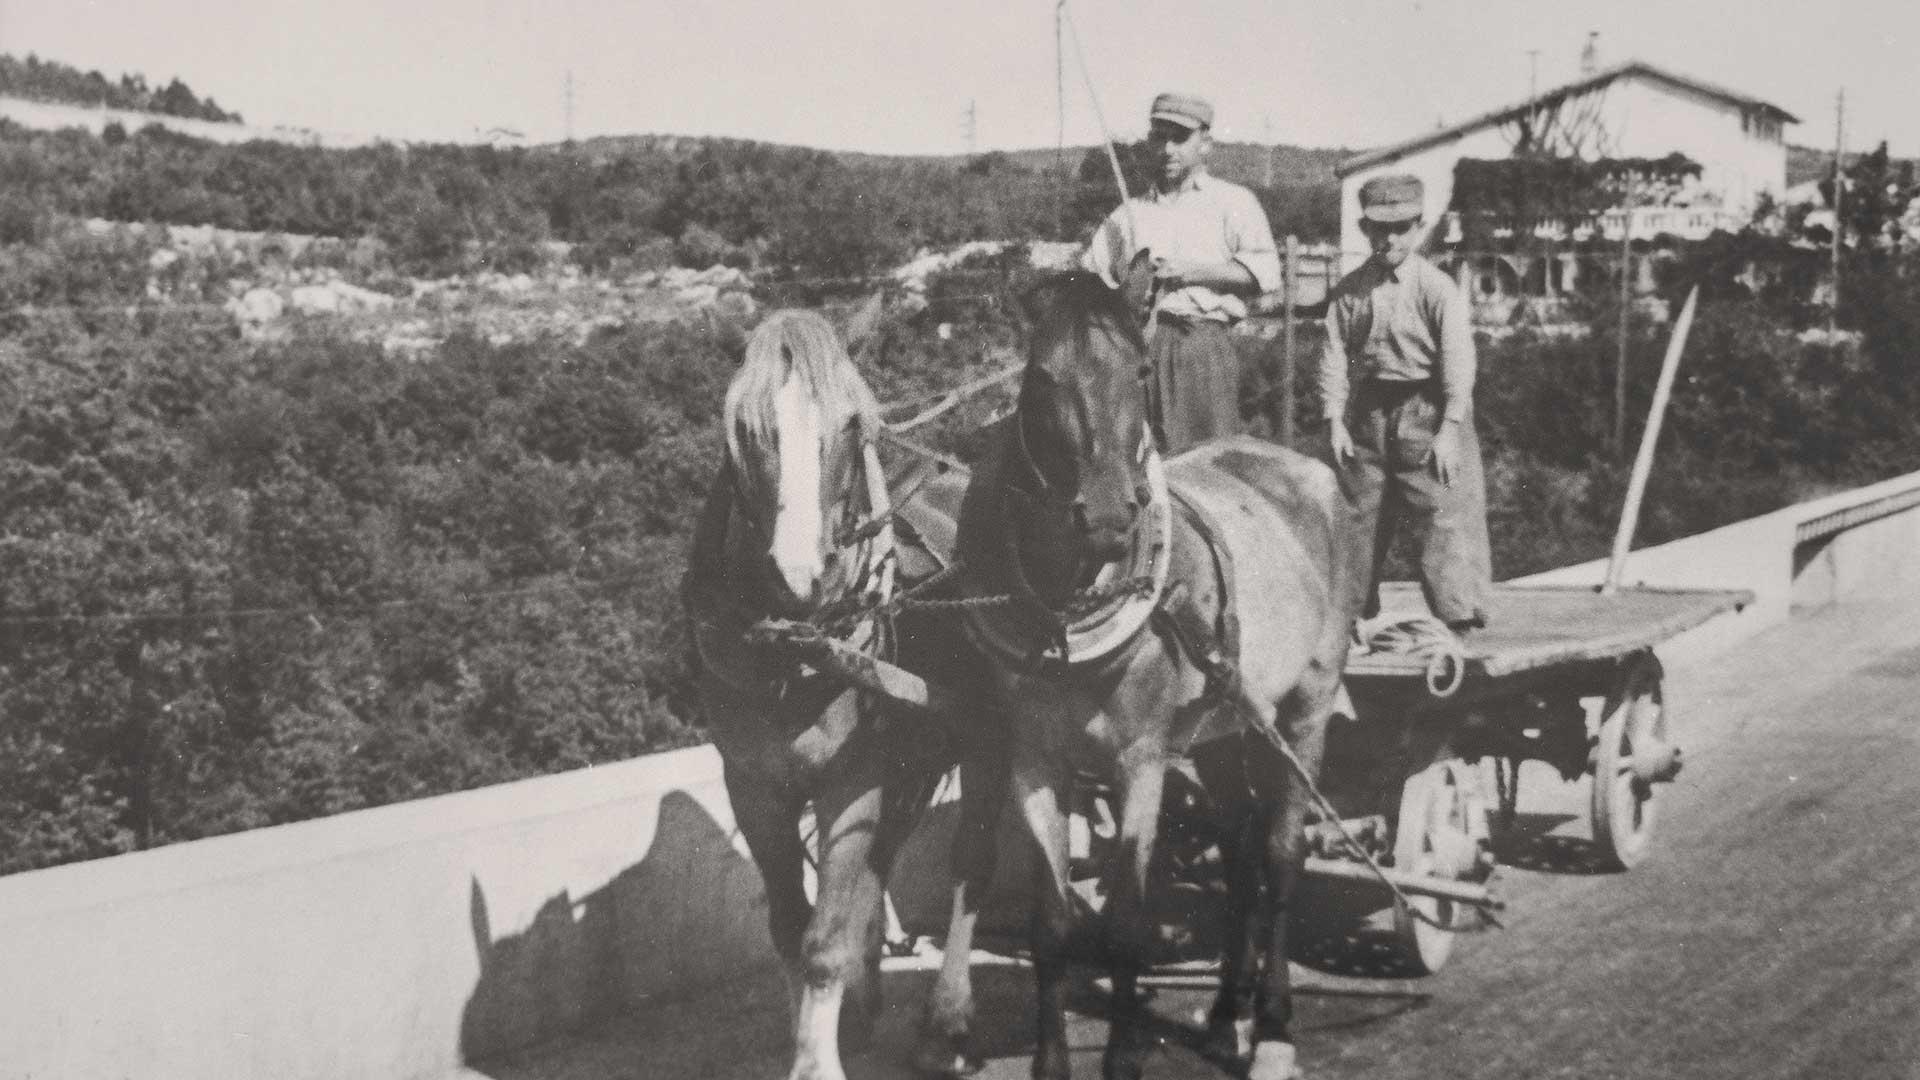 Famiglia Antonič Ceroglie foto storica agricoltura carso cavalli